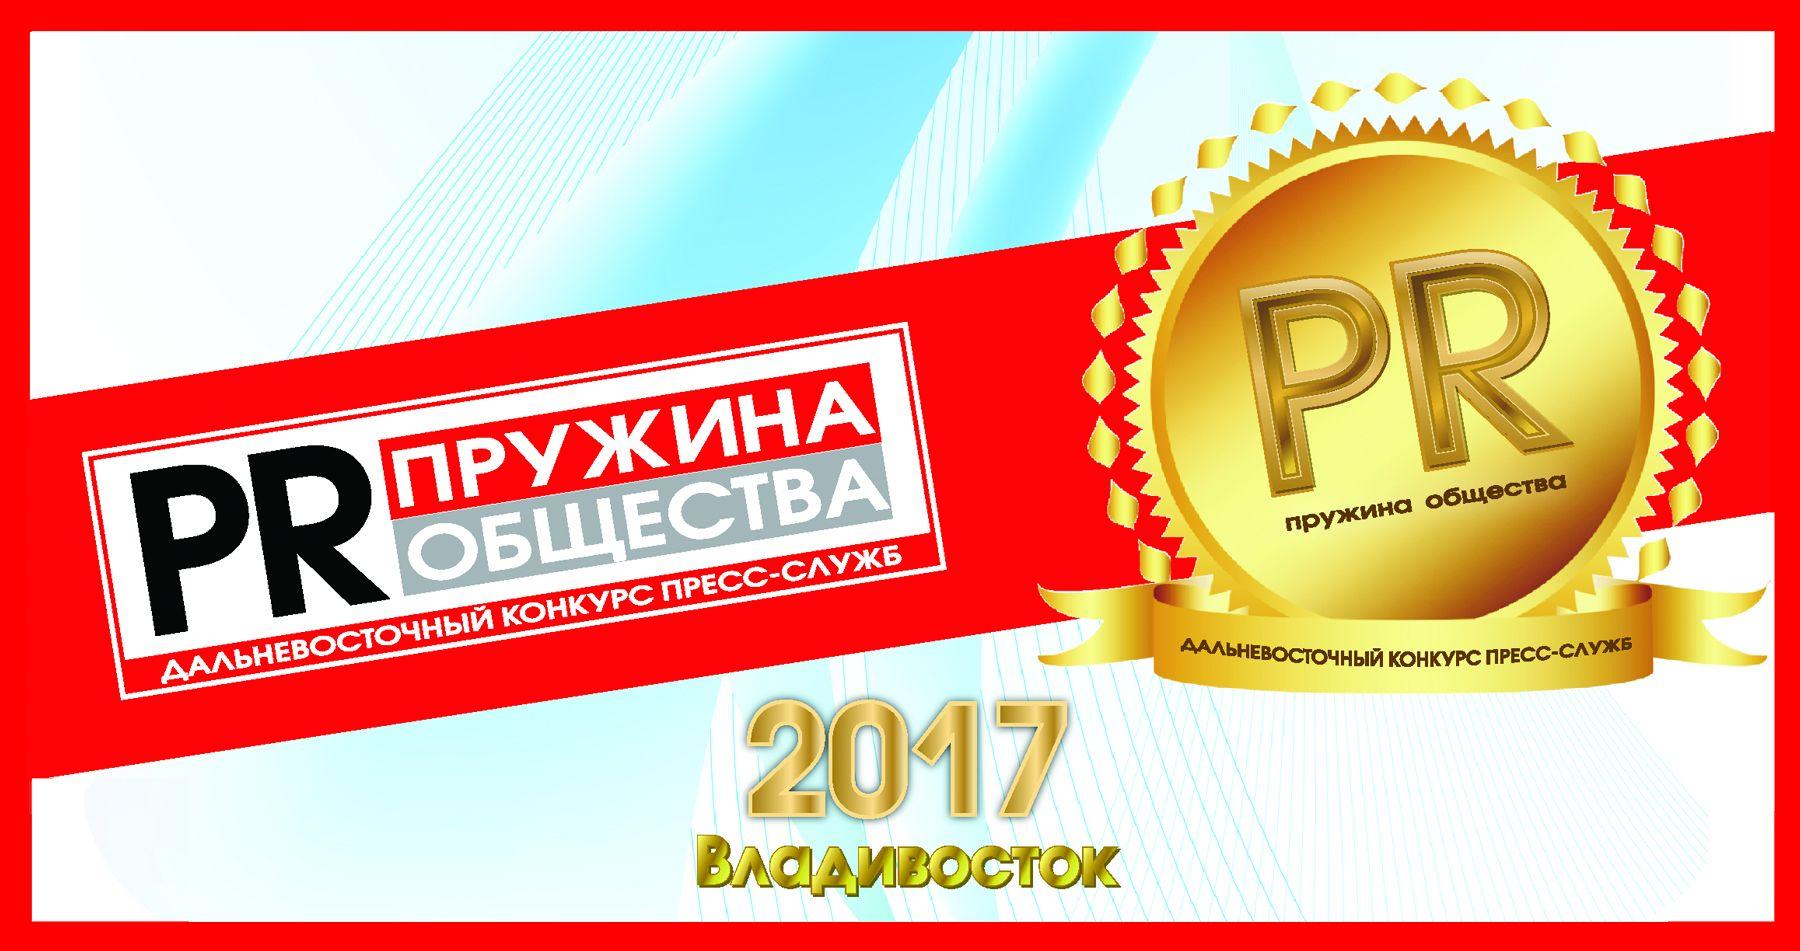 Дальневосточный конкурс пресс-служб «PRужина общества» пройдет на Медиасаммите